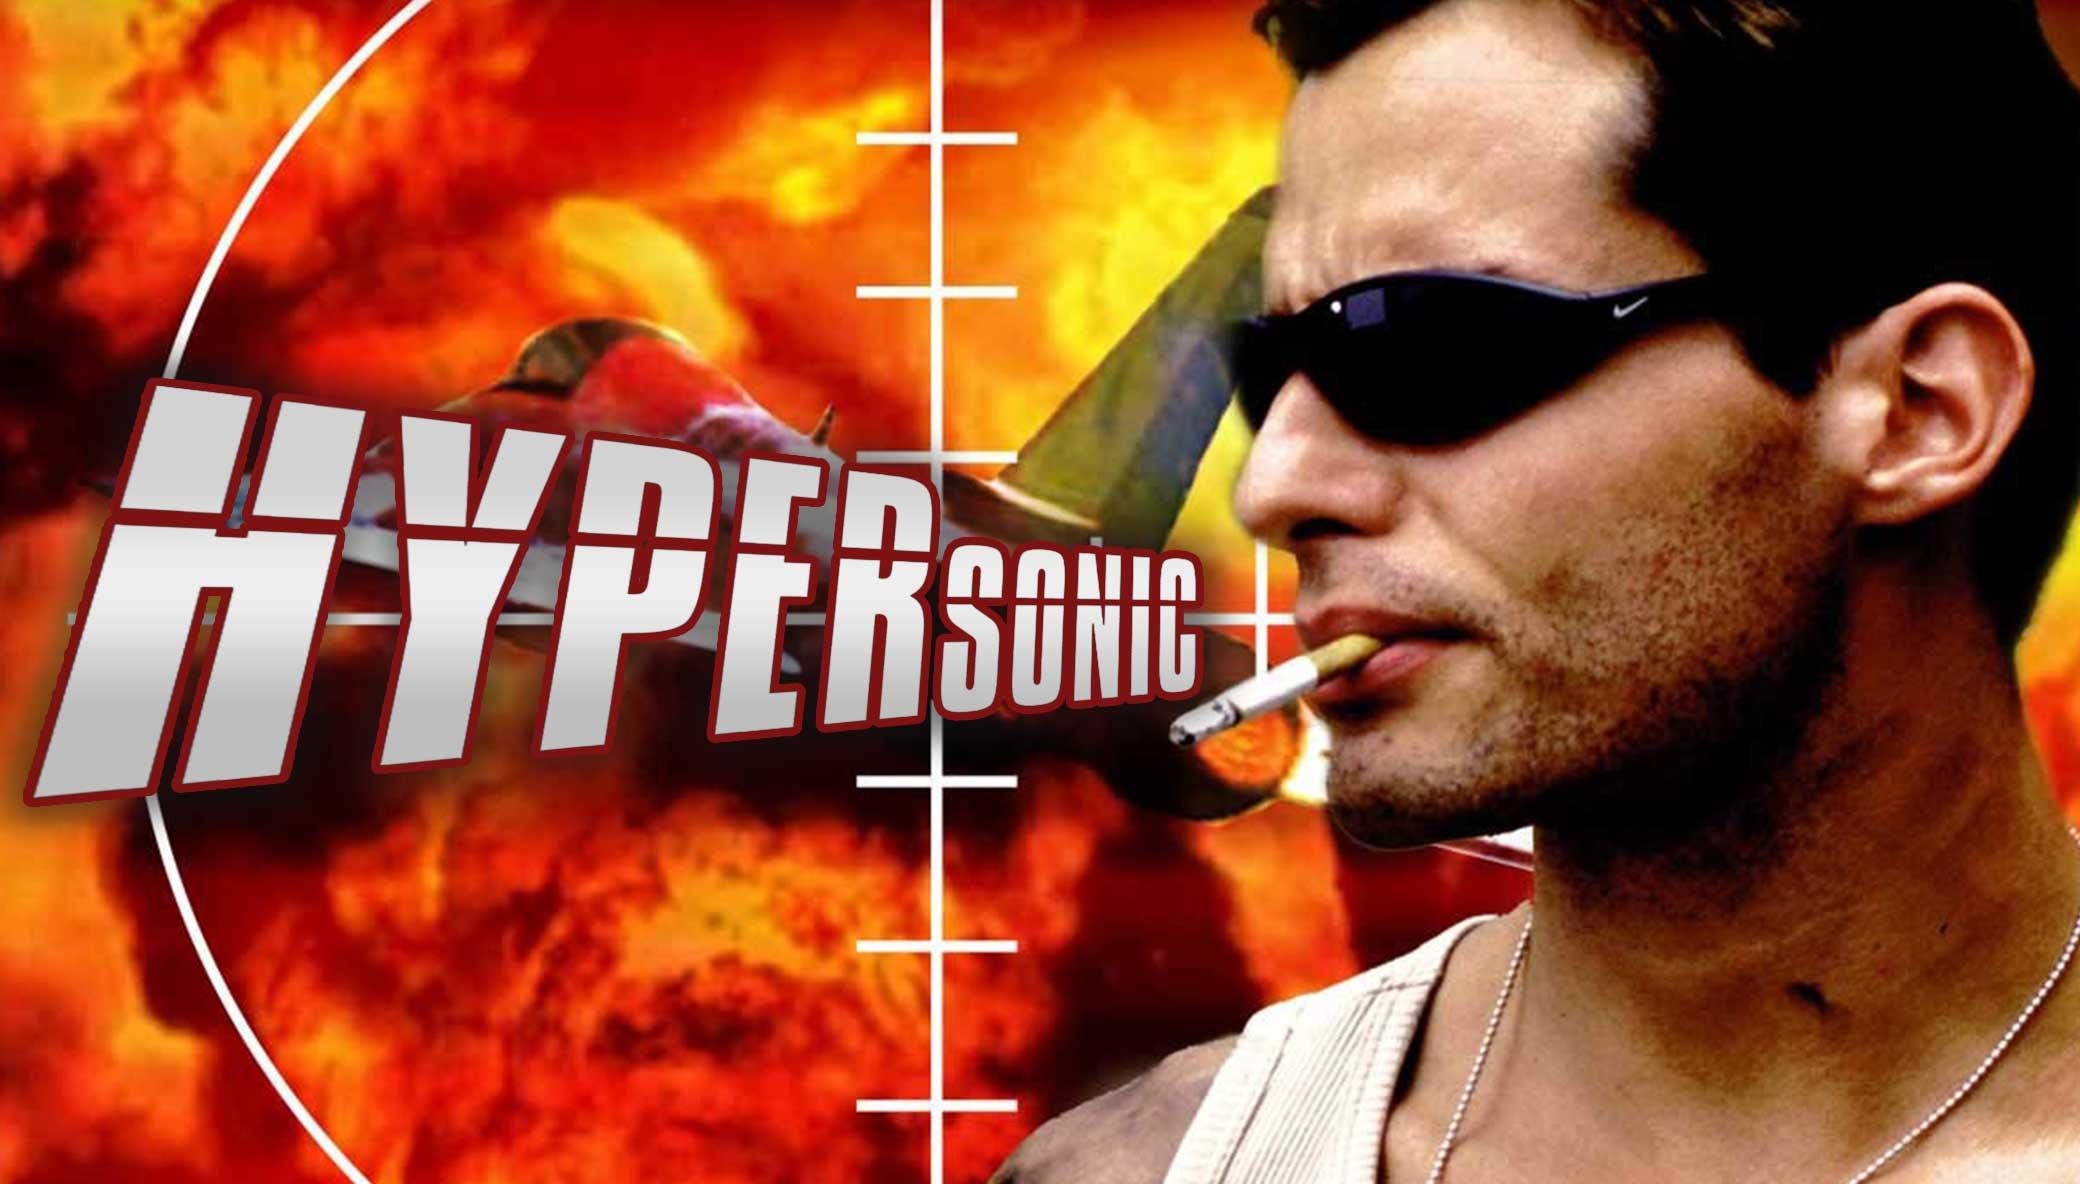 hypersonic\header.jpg